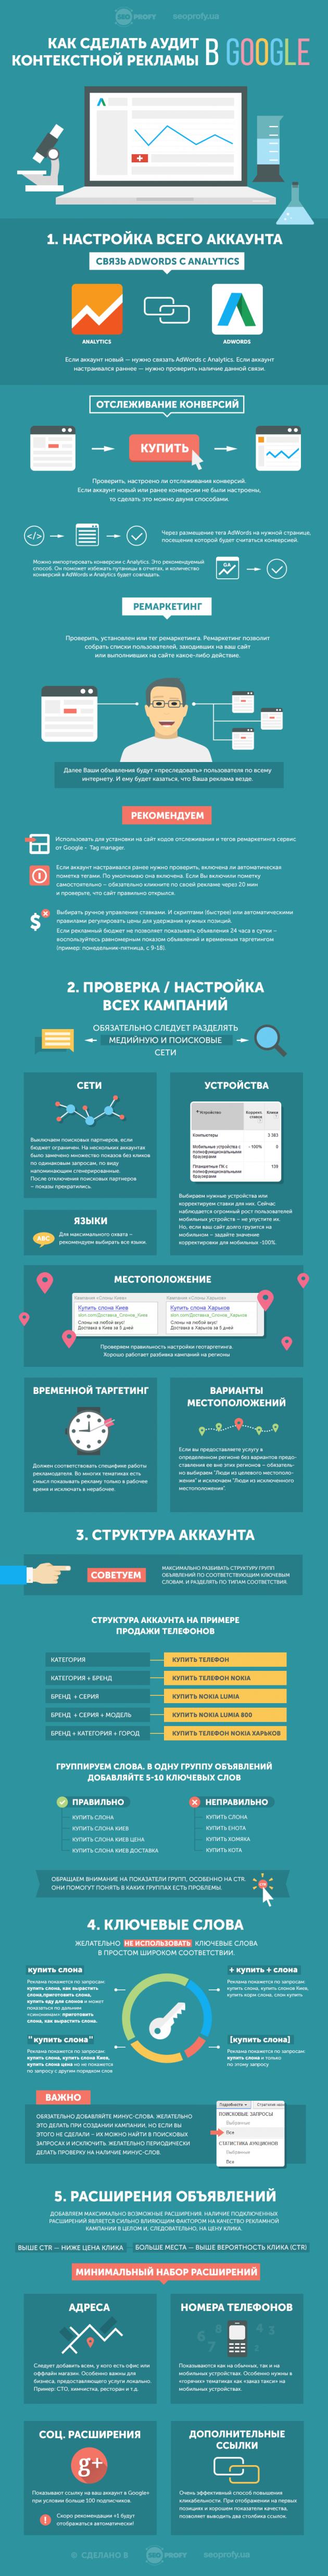 Инфографика: Как сделать аудит контекстной рекламы в Google